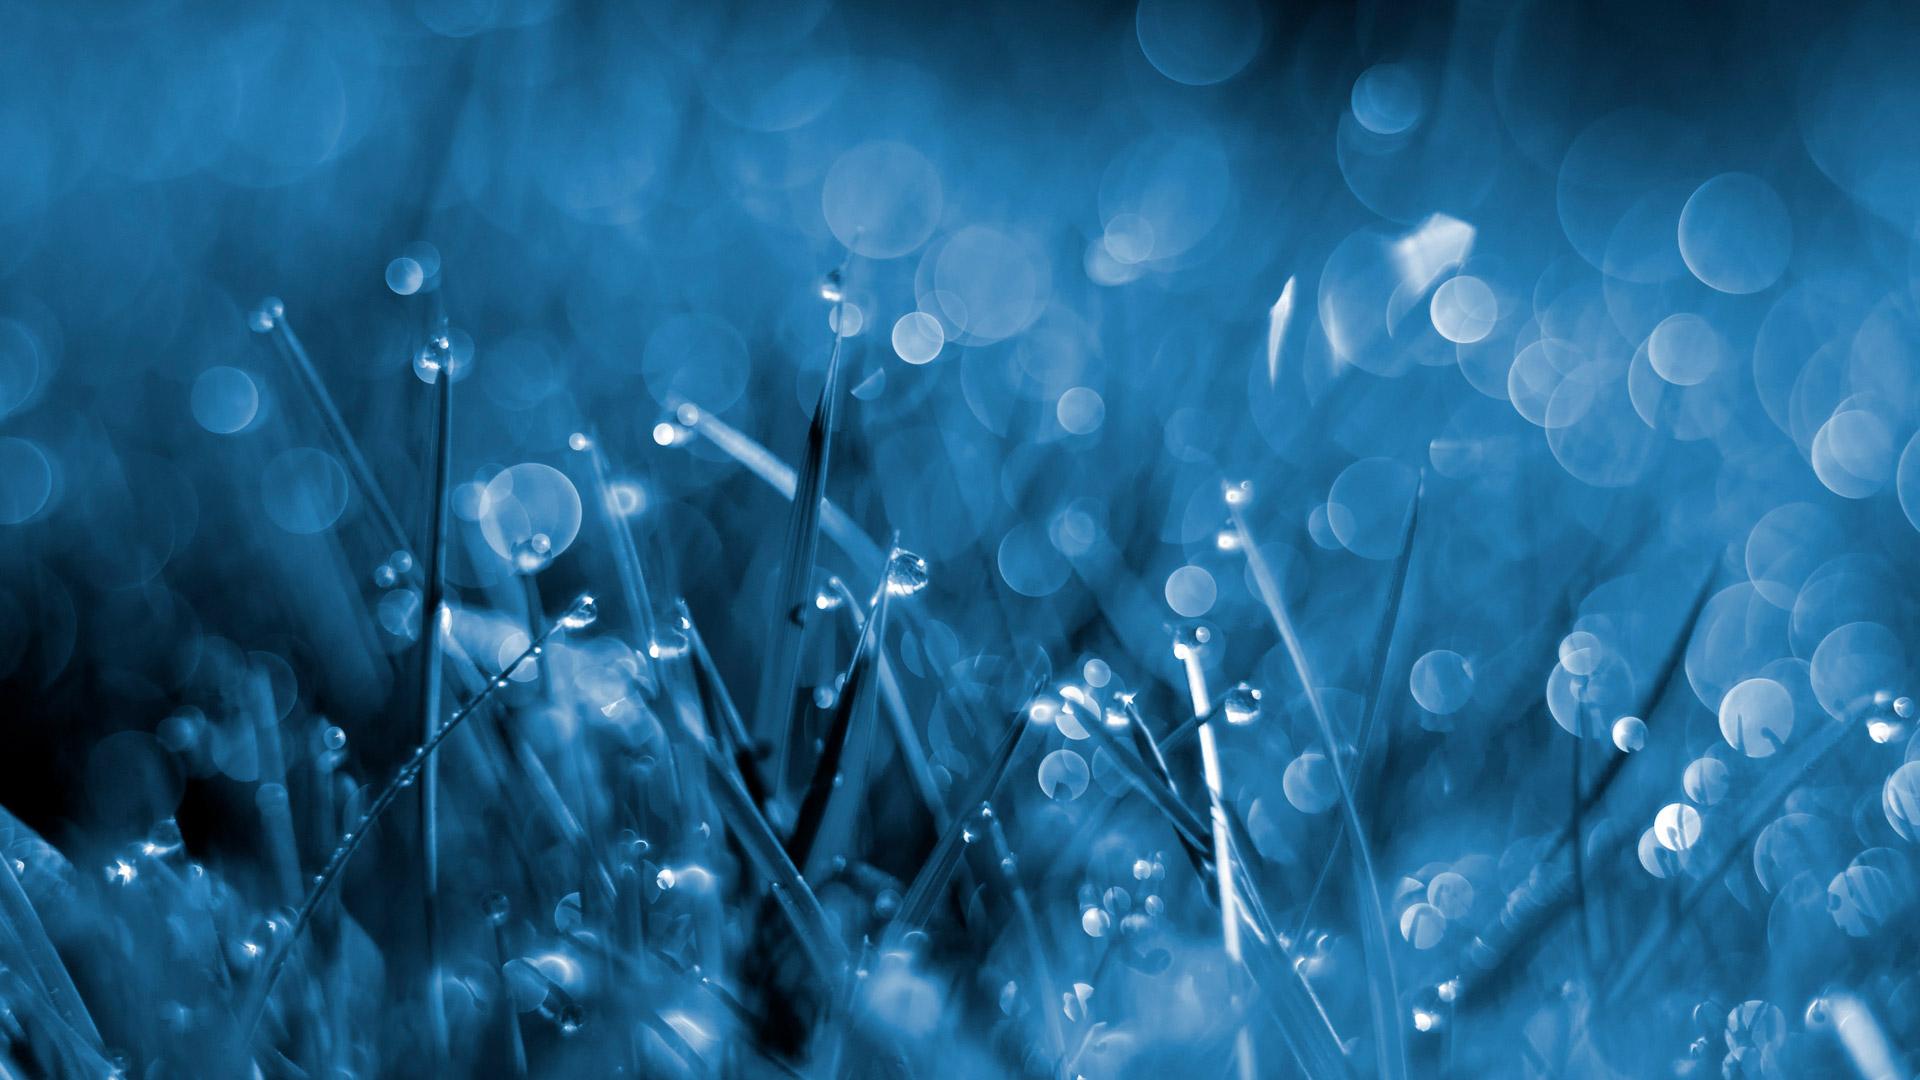 1920x1080px Blue Grass Wallpaper - WallpaperSafari